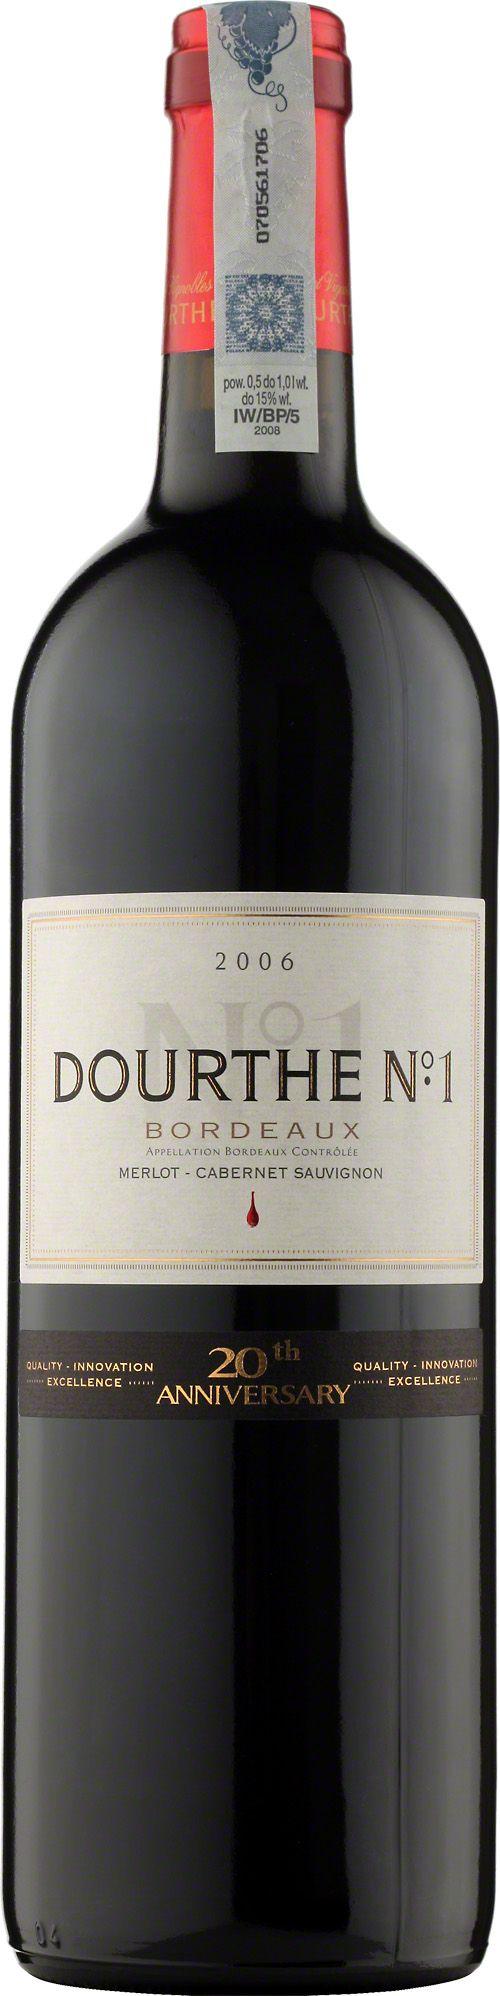 Dourthe No 1 Bordeaux A.O.C. Rouge Wyselekcjonowane wina Dourthe N°1, podobnie jak Bordeaux klasy grand cru, dojrzewają przez rok w nowych dębowych beczkach w piwnicach Dourthe w Parempuyre. Taniny zawarte w drewnie łączą się harmonijnie z taninami wina, nadając mu łagodny smak i podkreślając jego wykwintny bukiet. To wino o bogatym, wyrazistym, doskonale wyważonym smaku, który rozwinie kilkumiesięczne leżakowanie w butelkach. #Wino #Bordeaux #Winezja